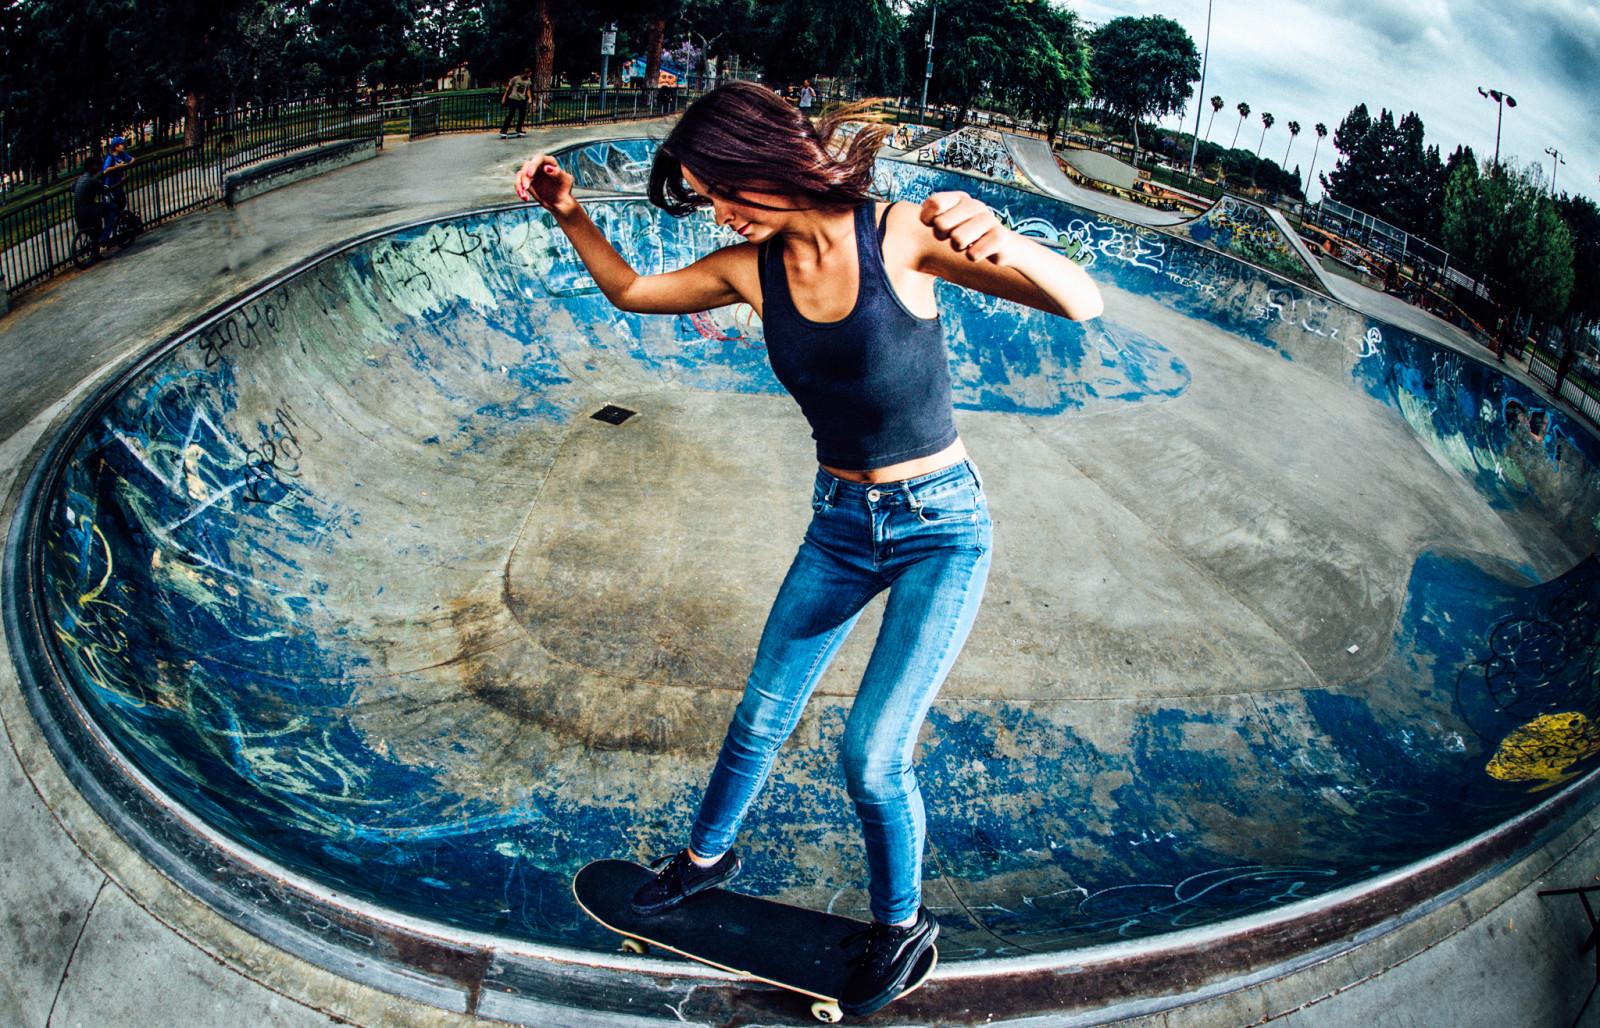 Skate Girl Hd Wallpaper Wallpaper Jeans Swimming Pool World Skateboard